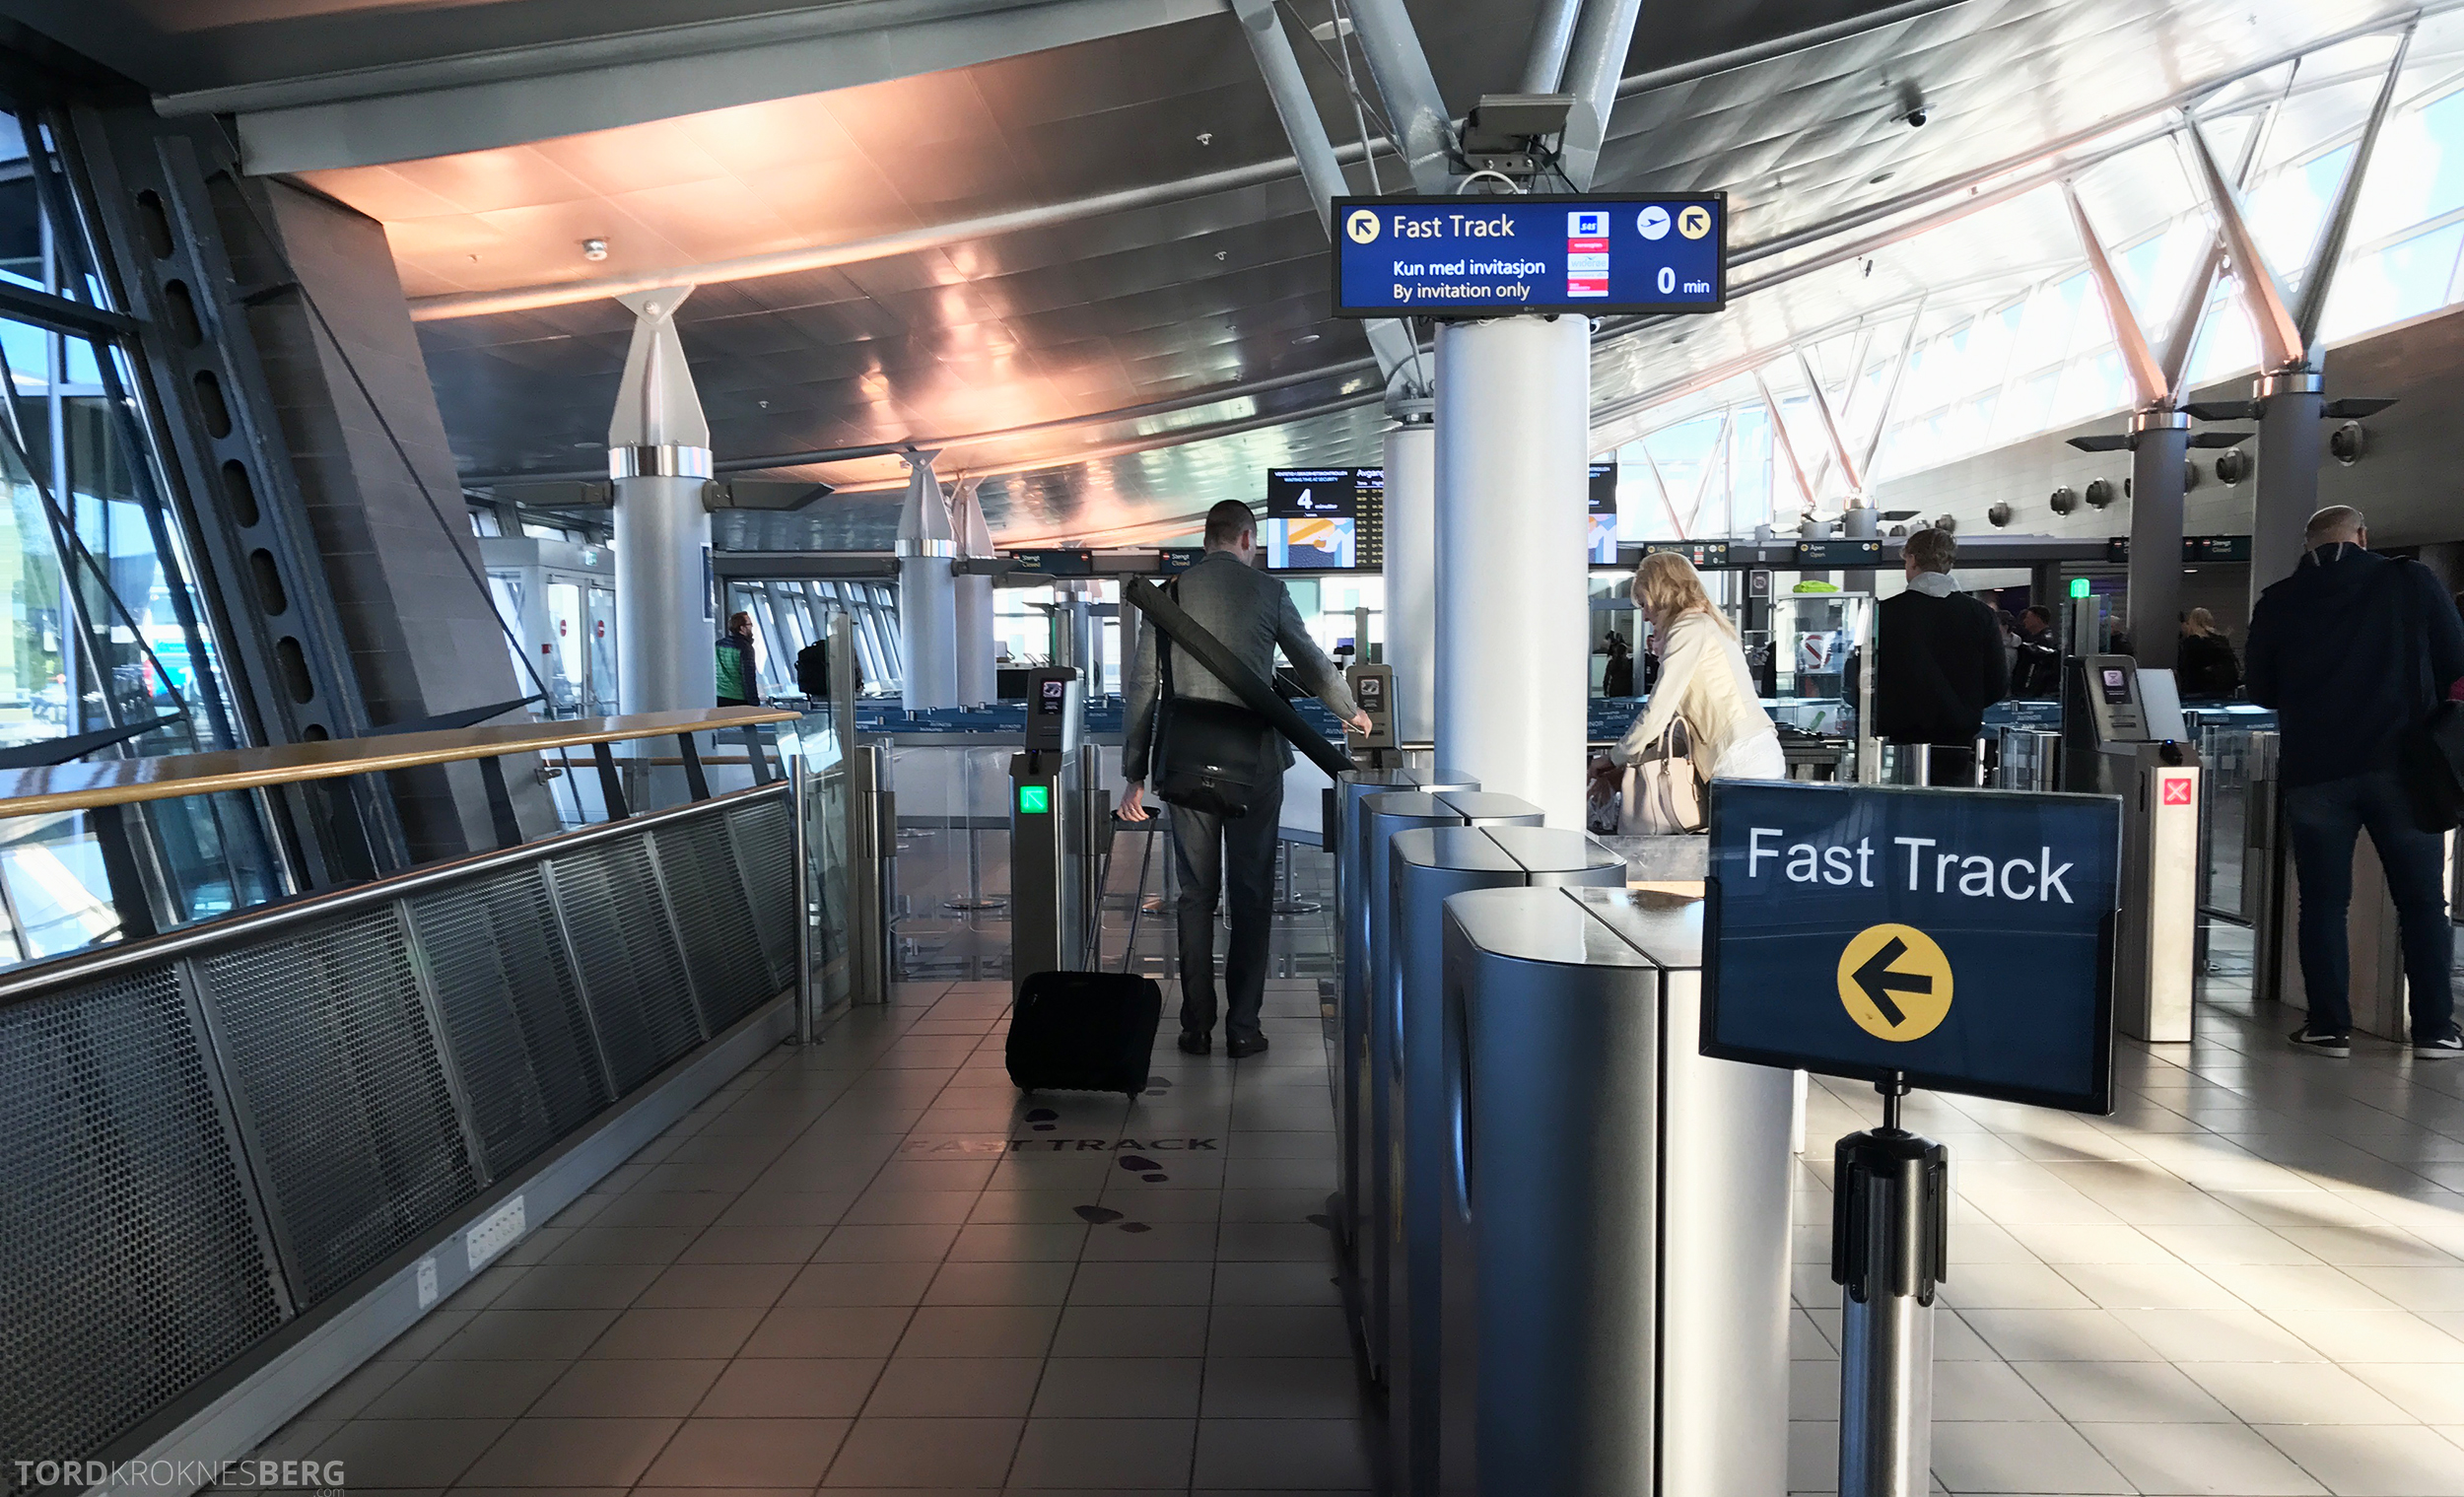 SAS Plus Trondheim Stockholm fast track